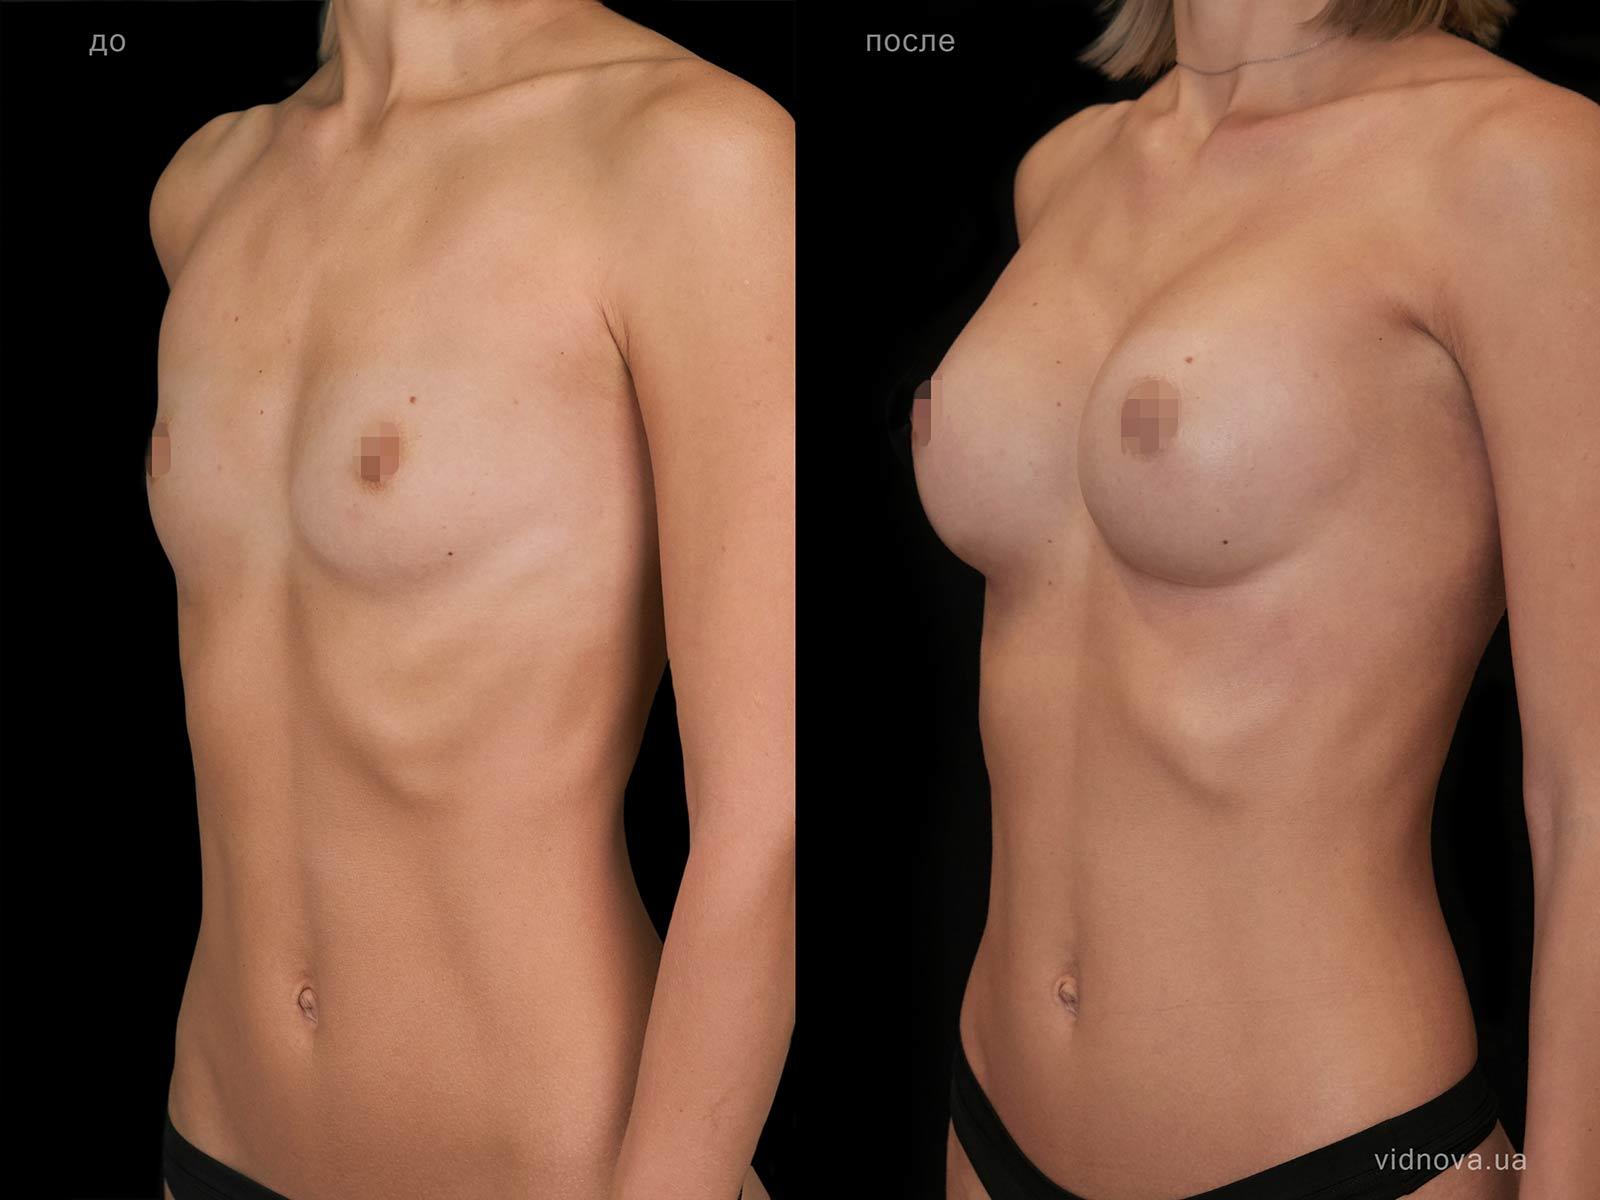 Пластика груди: результаты до и после - Пример №100-1 - Светлана Работенко